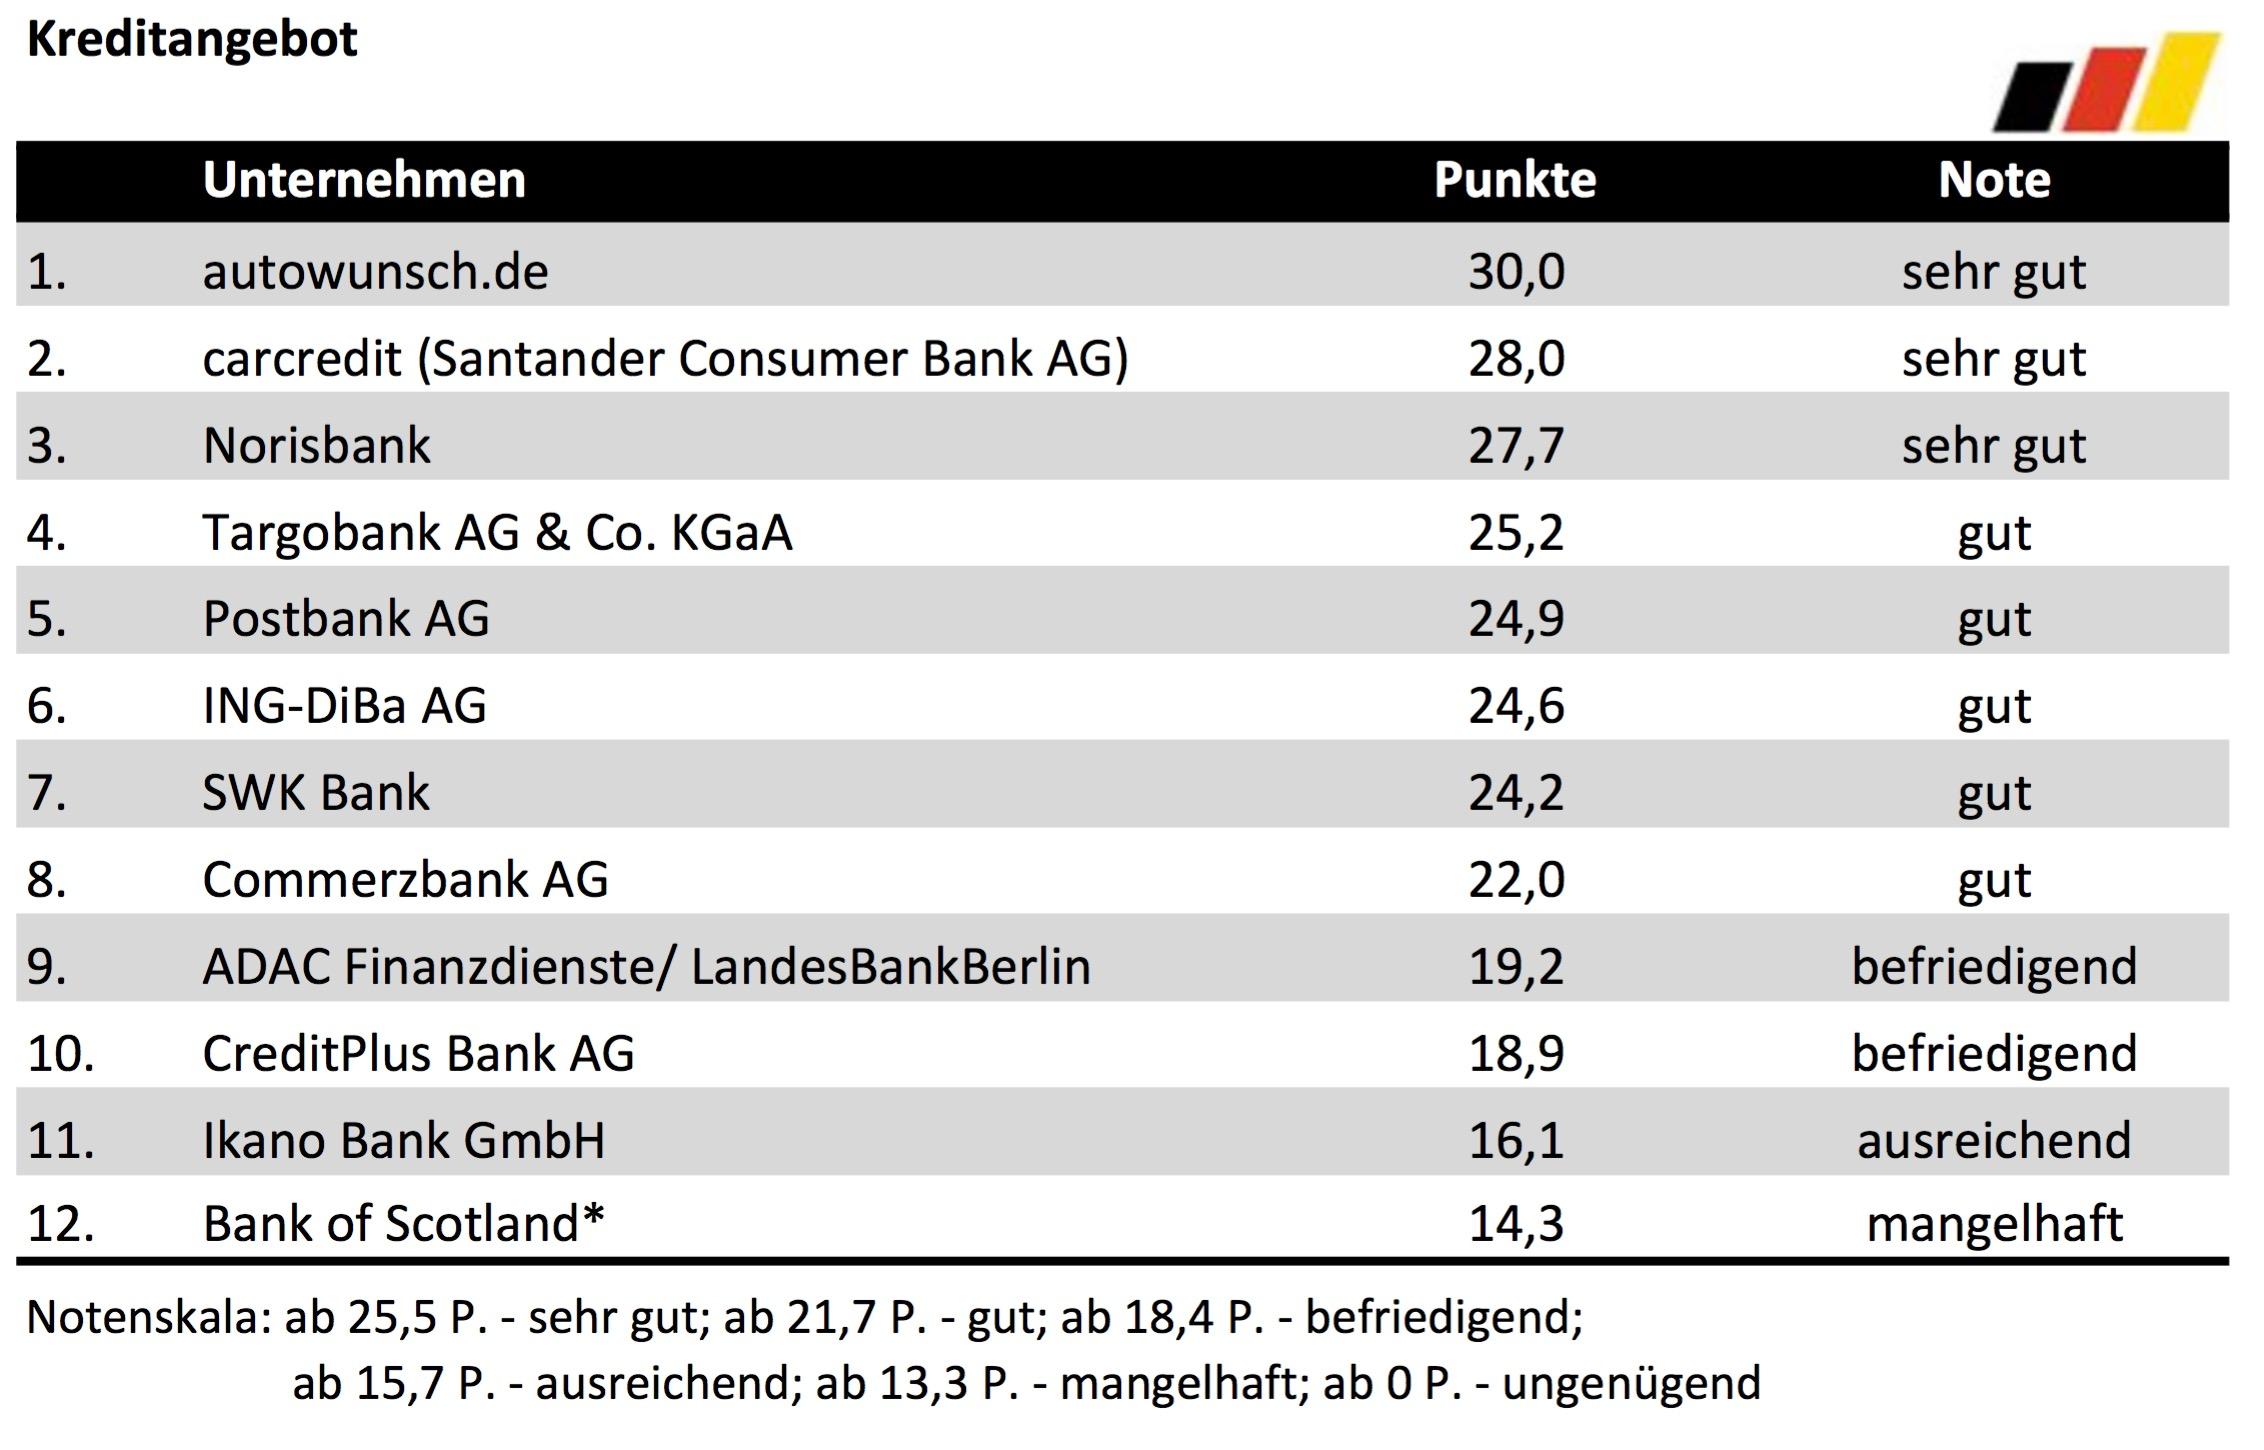 Bester Autofinanzierer 2016 - Kreditangebot - Deutsches Kundeninstitut (DKI)